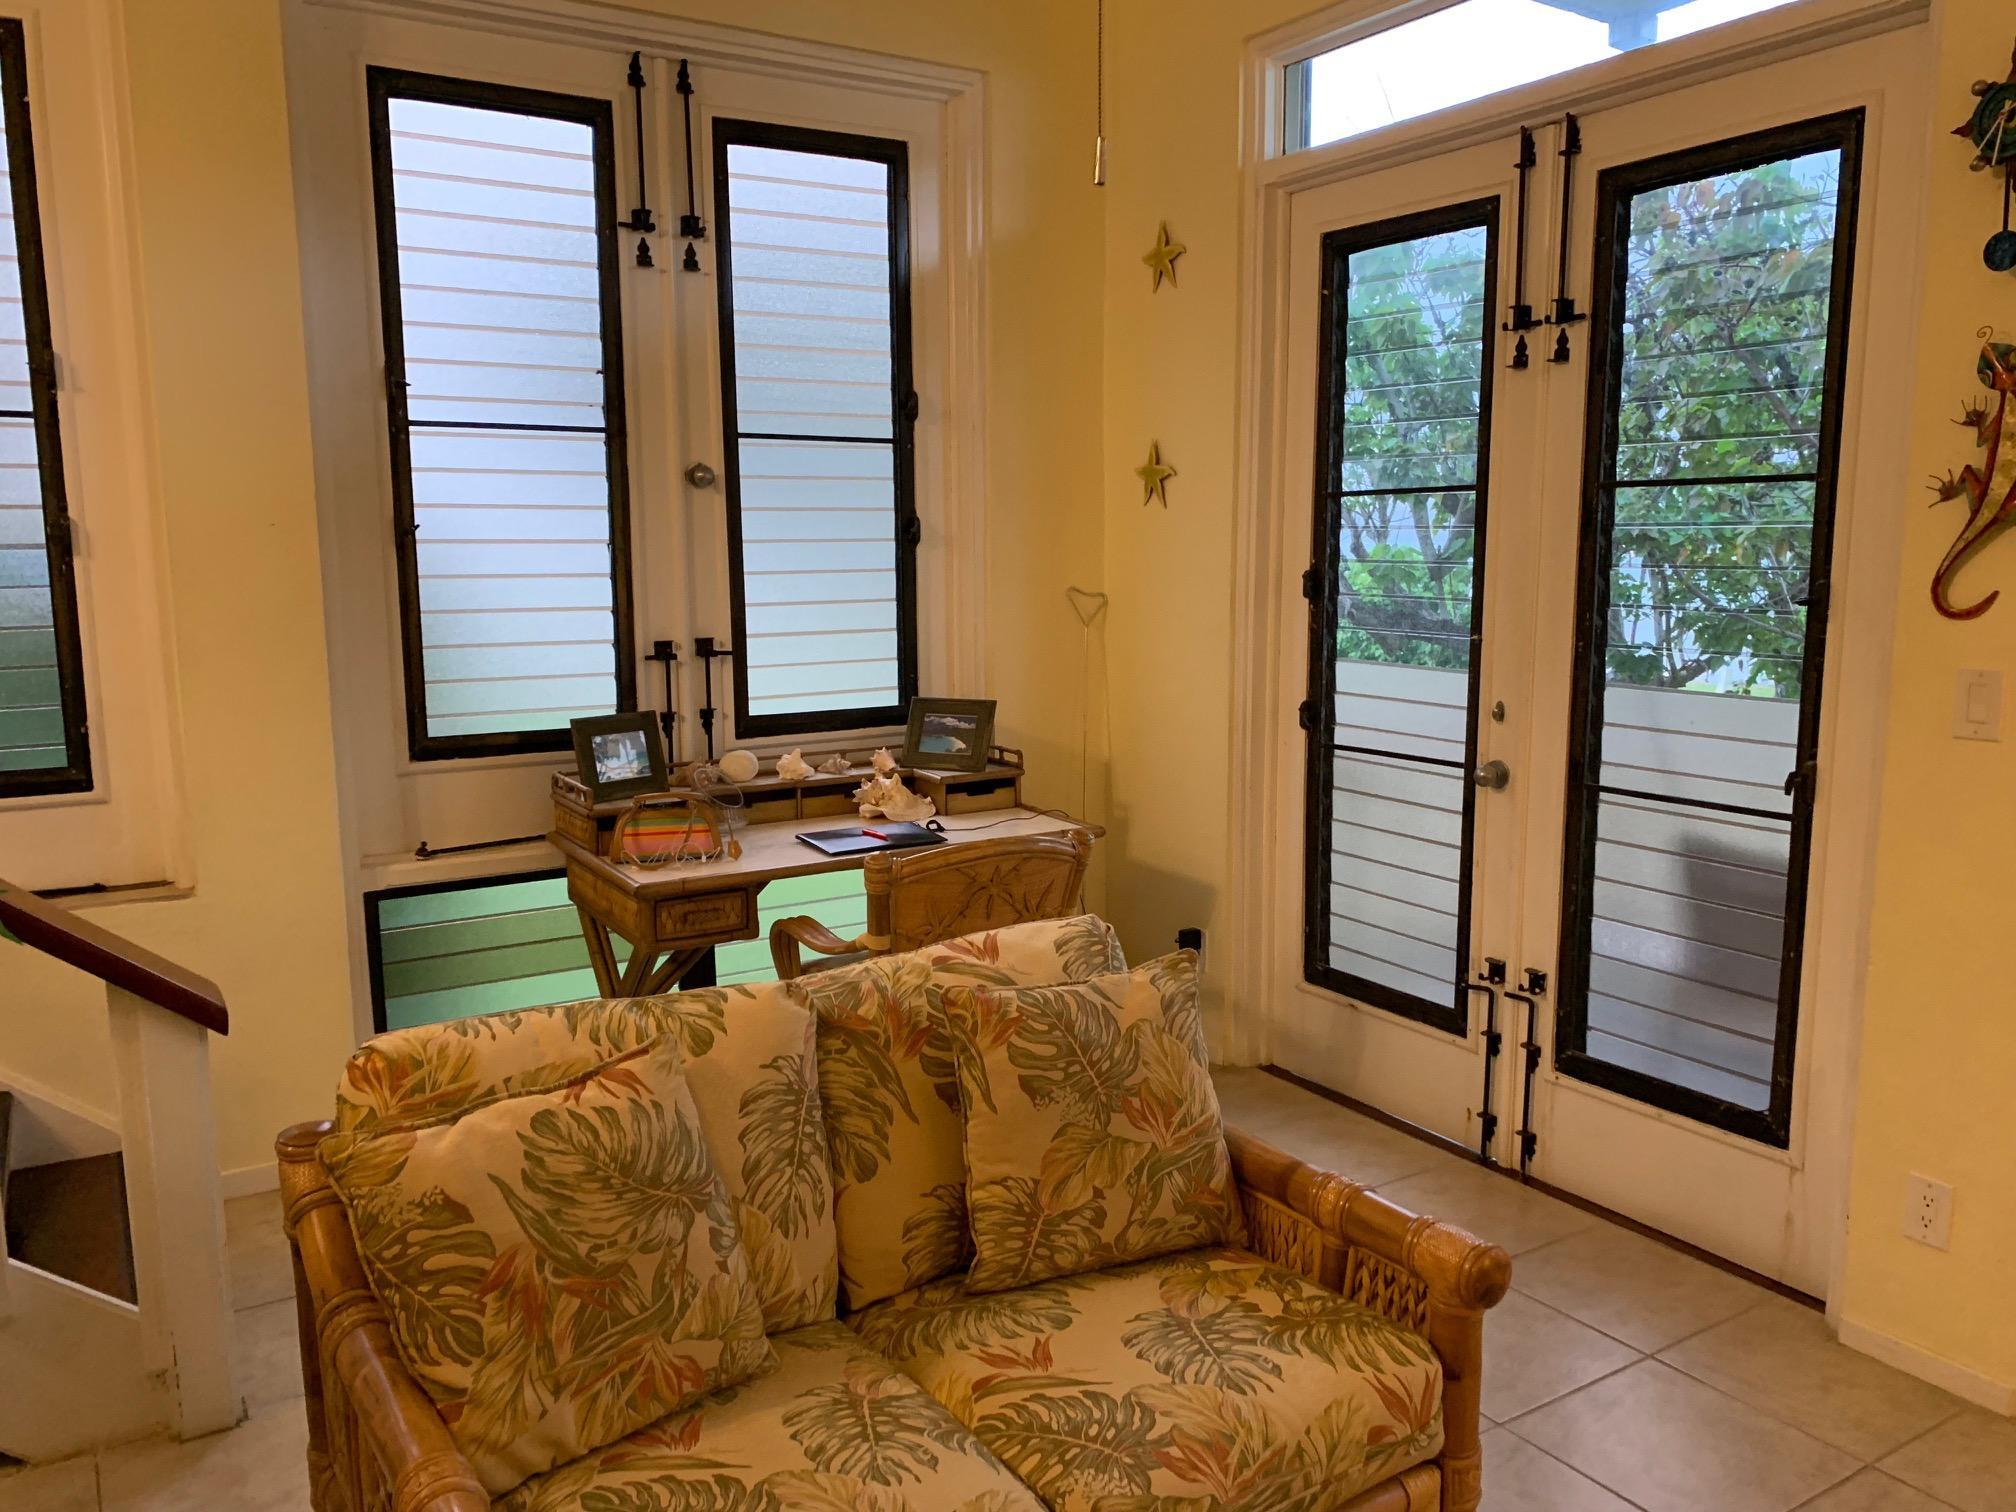 St John, Virgin Islands 00830, 1 Bedroom Bedrooms, ,1 BathroomBathrooms,Condo,For Sale,18-316